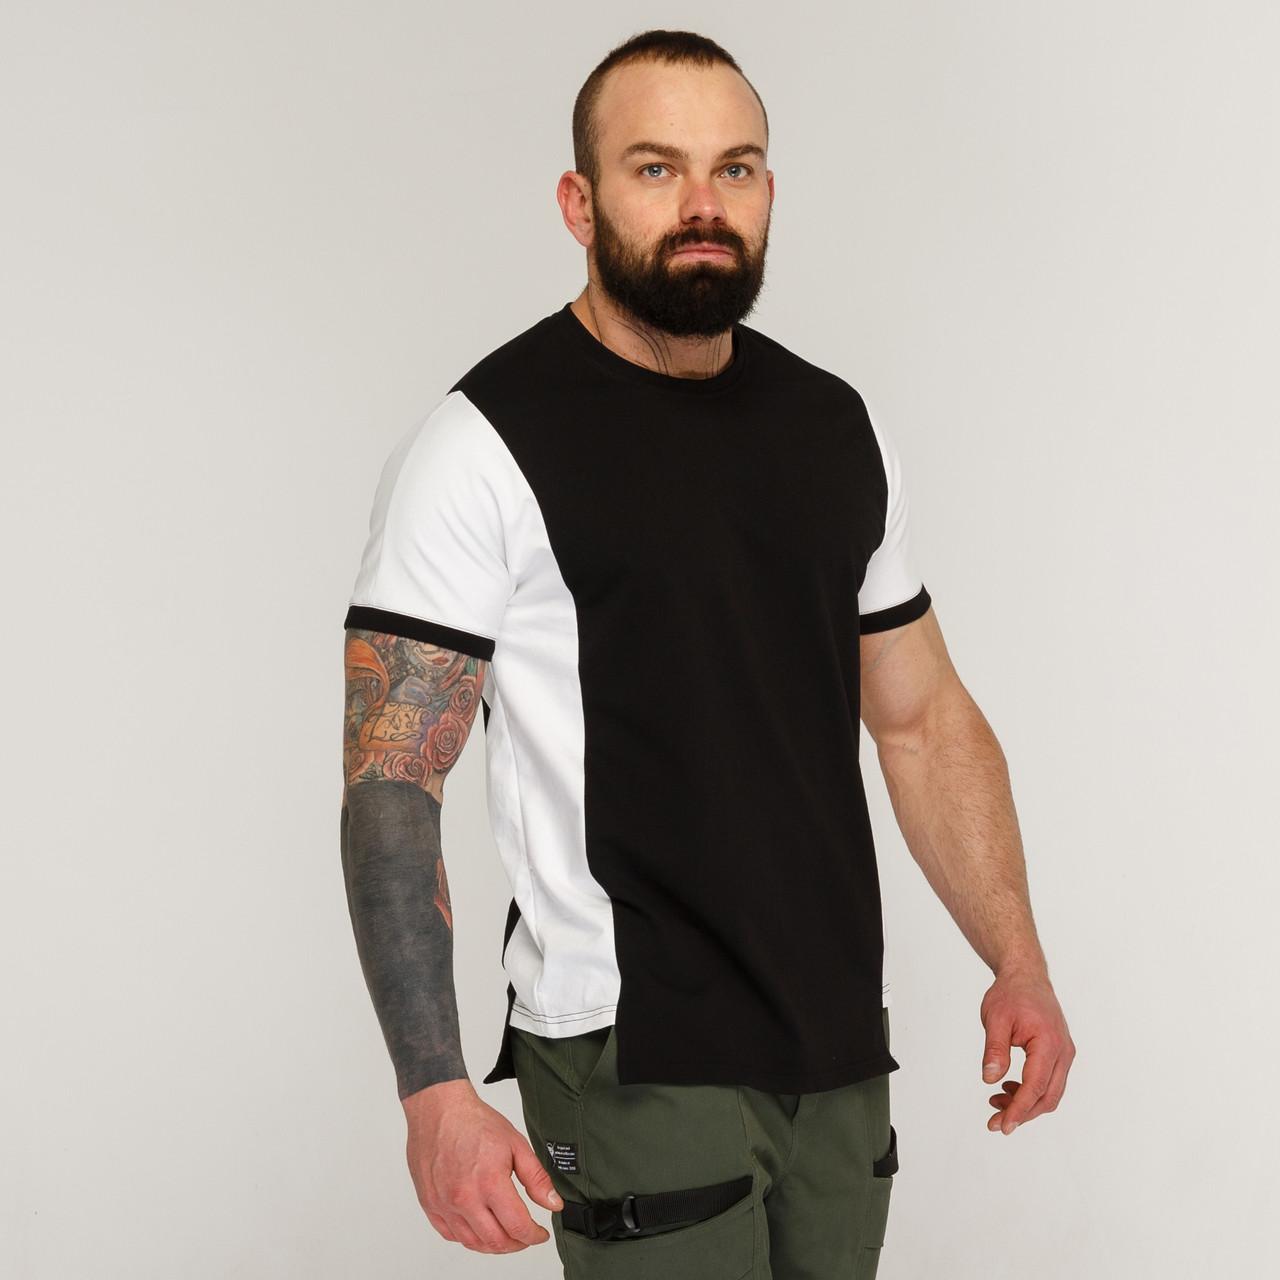 Футболка мужская черно-белая бренд ТУР модель Онага (Onaga) XL